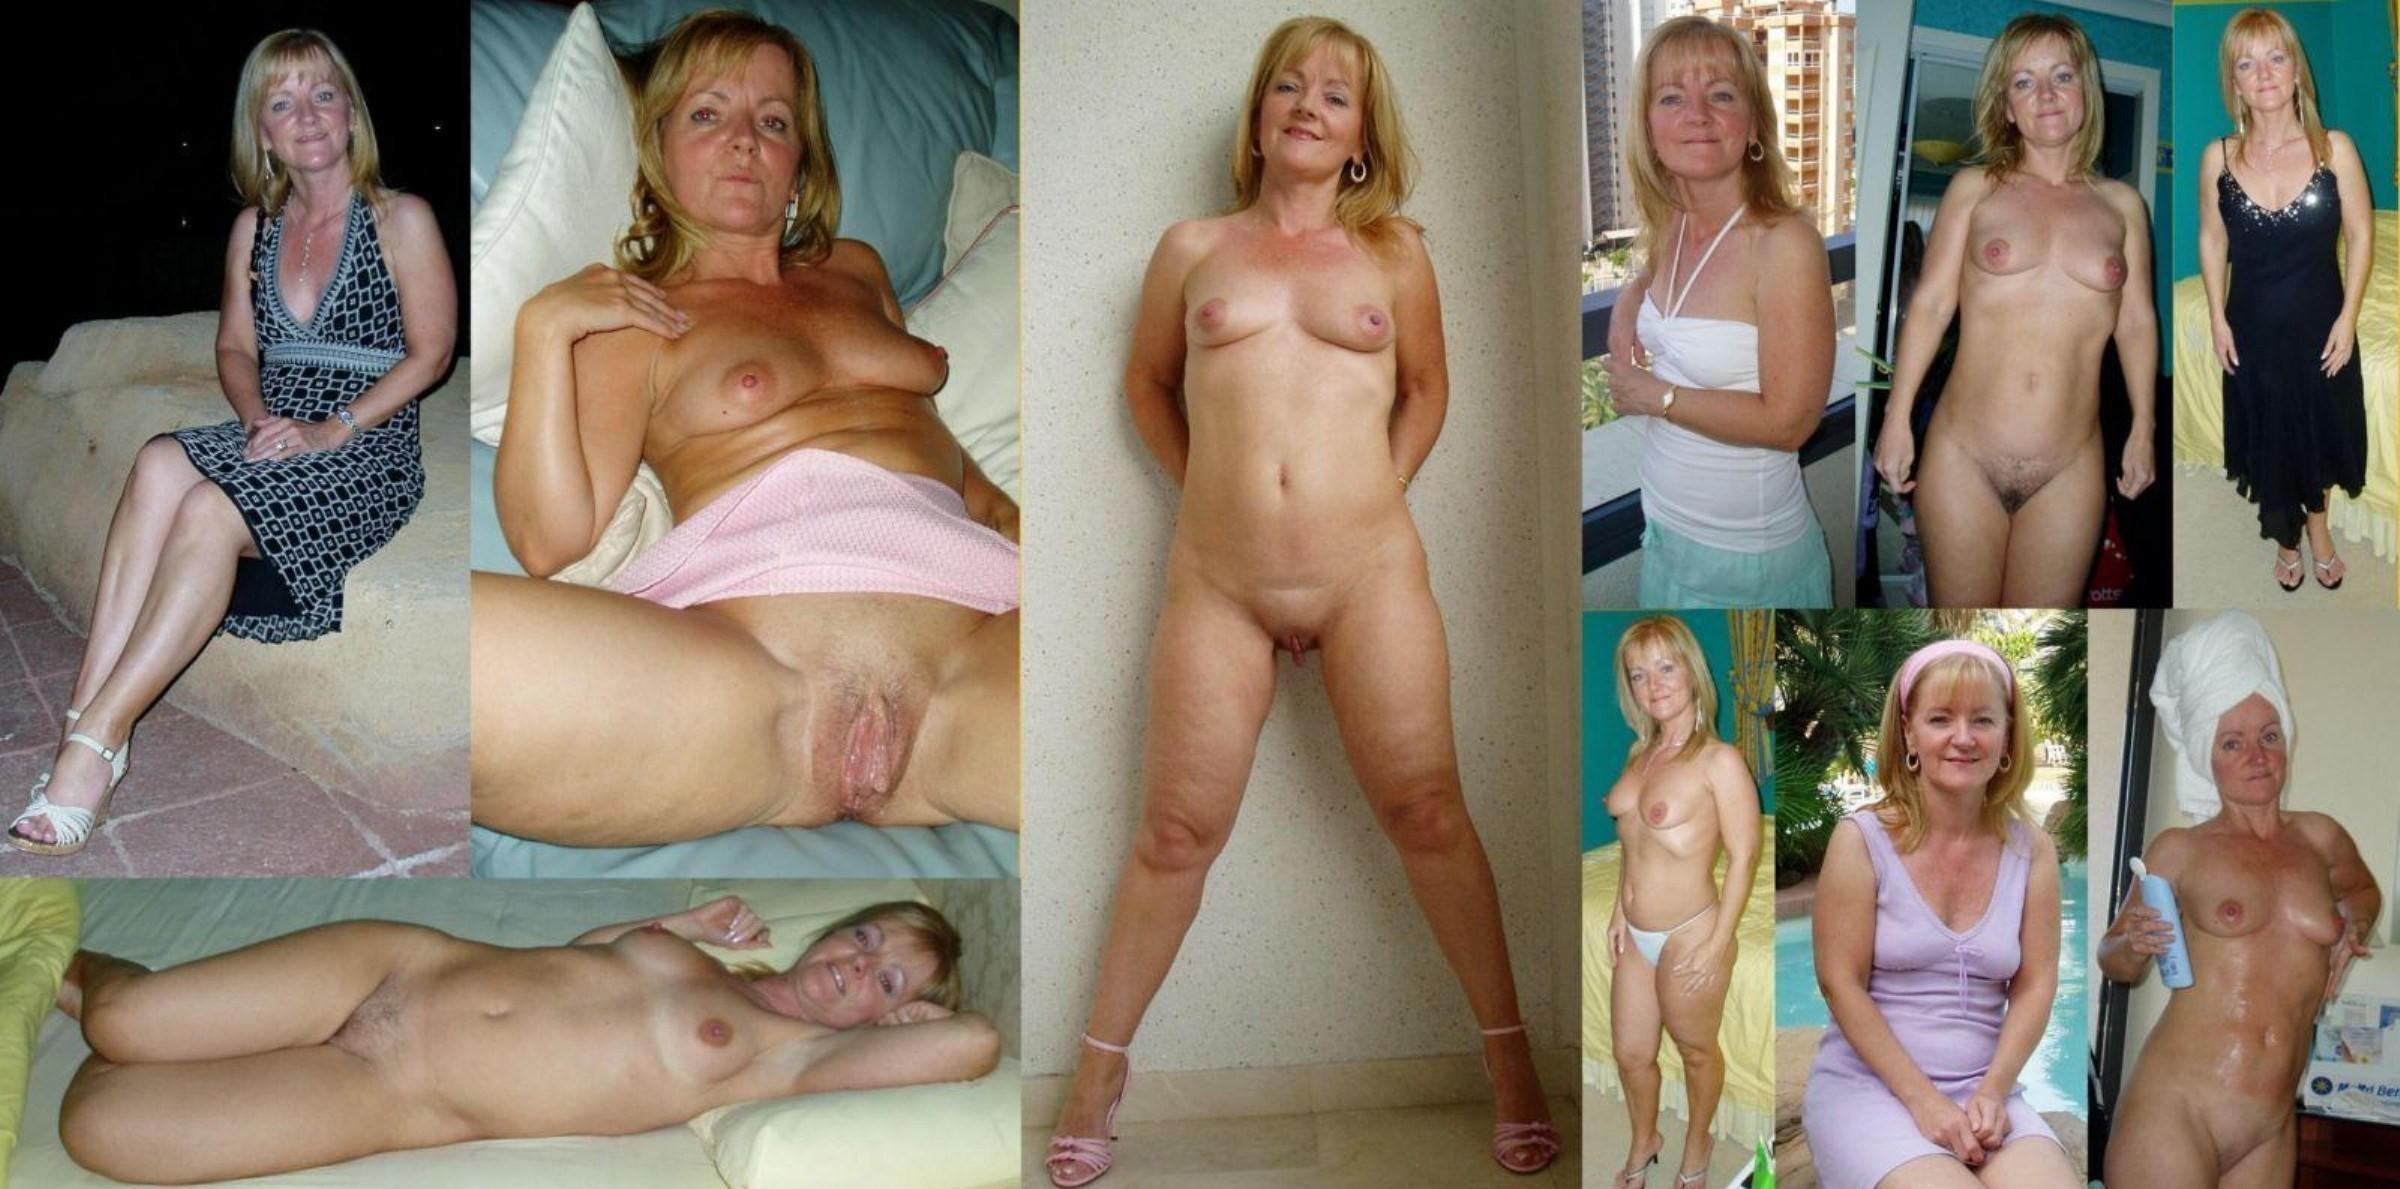 Смотреть кастинг зрелой мамаши, Порно видео онлайн: КастингЗрелые 21 фотография